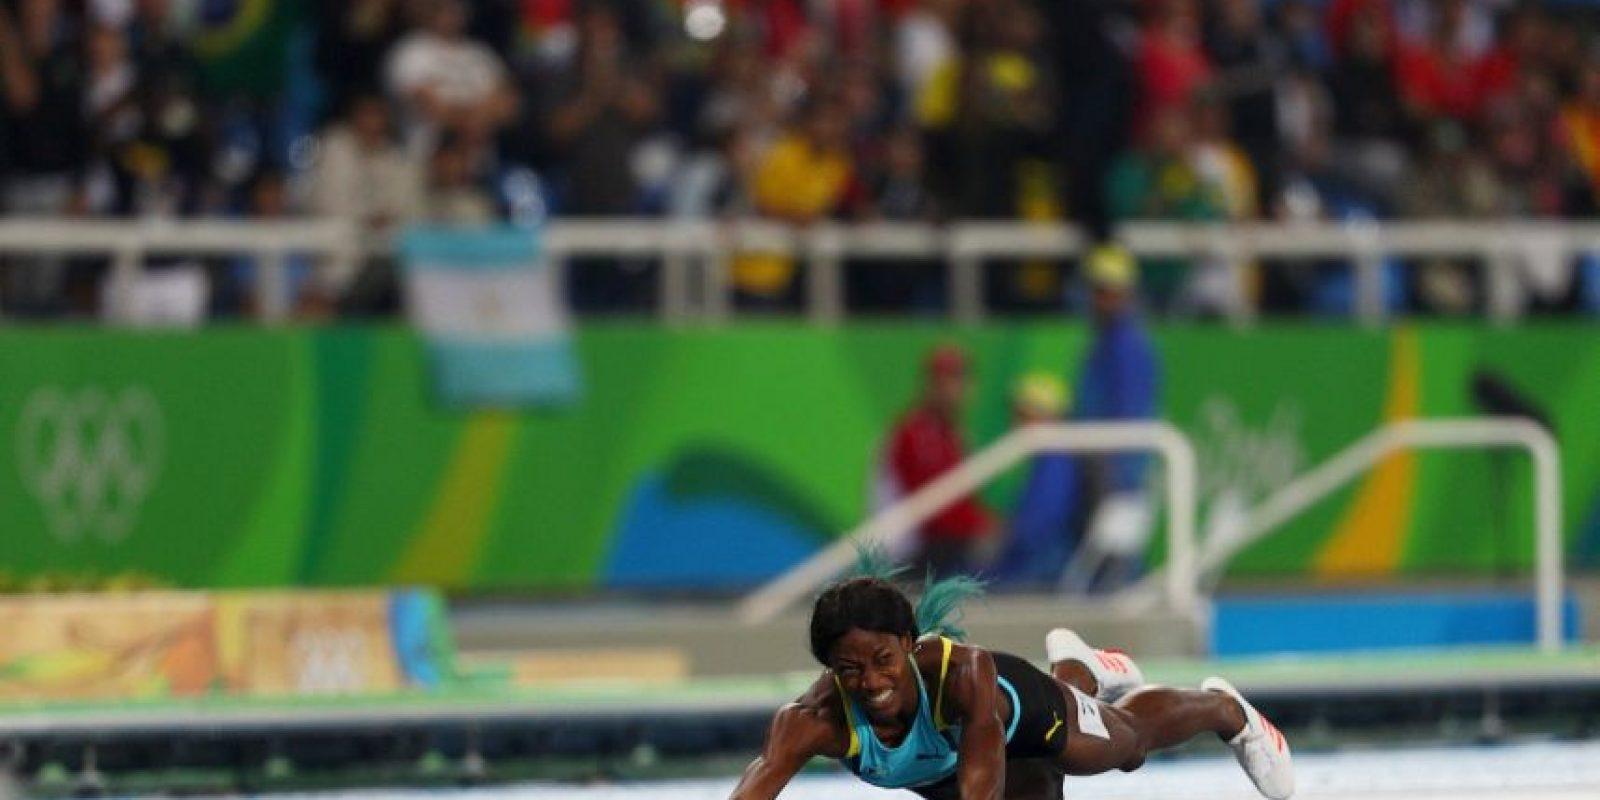 Su forma poca ortodoxa de ganar el oro se volvió viral. Foto:Getty Images